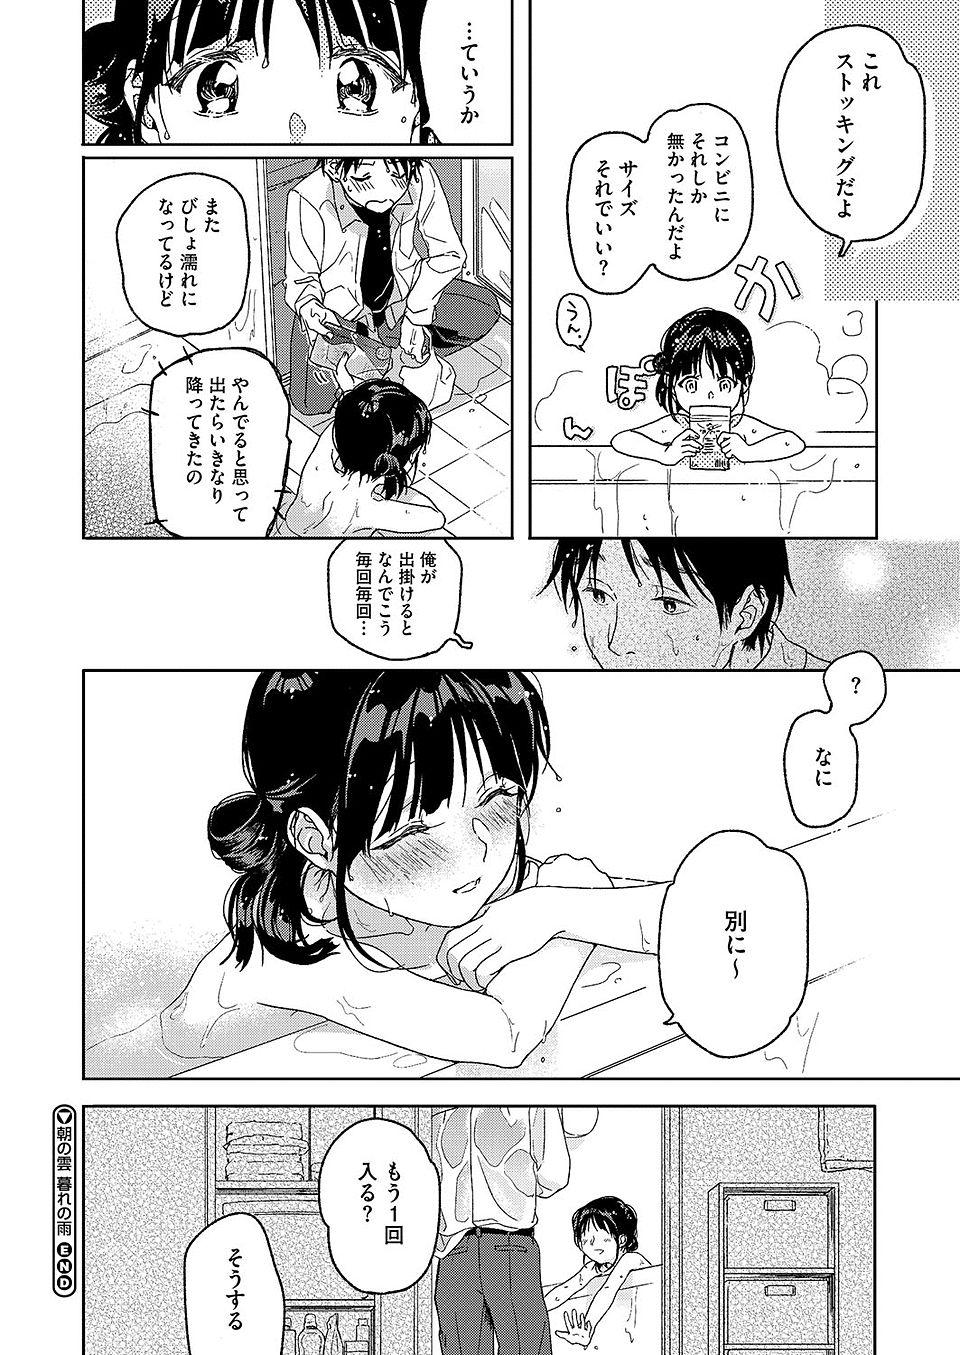 【エロ漫画・エロ同人誌】ちっぱい少女とお風呂でラブラブエッチwww (22)